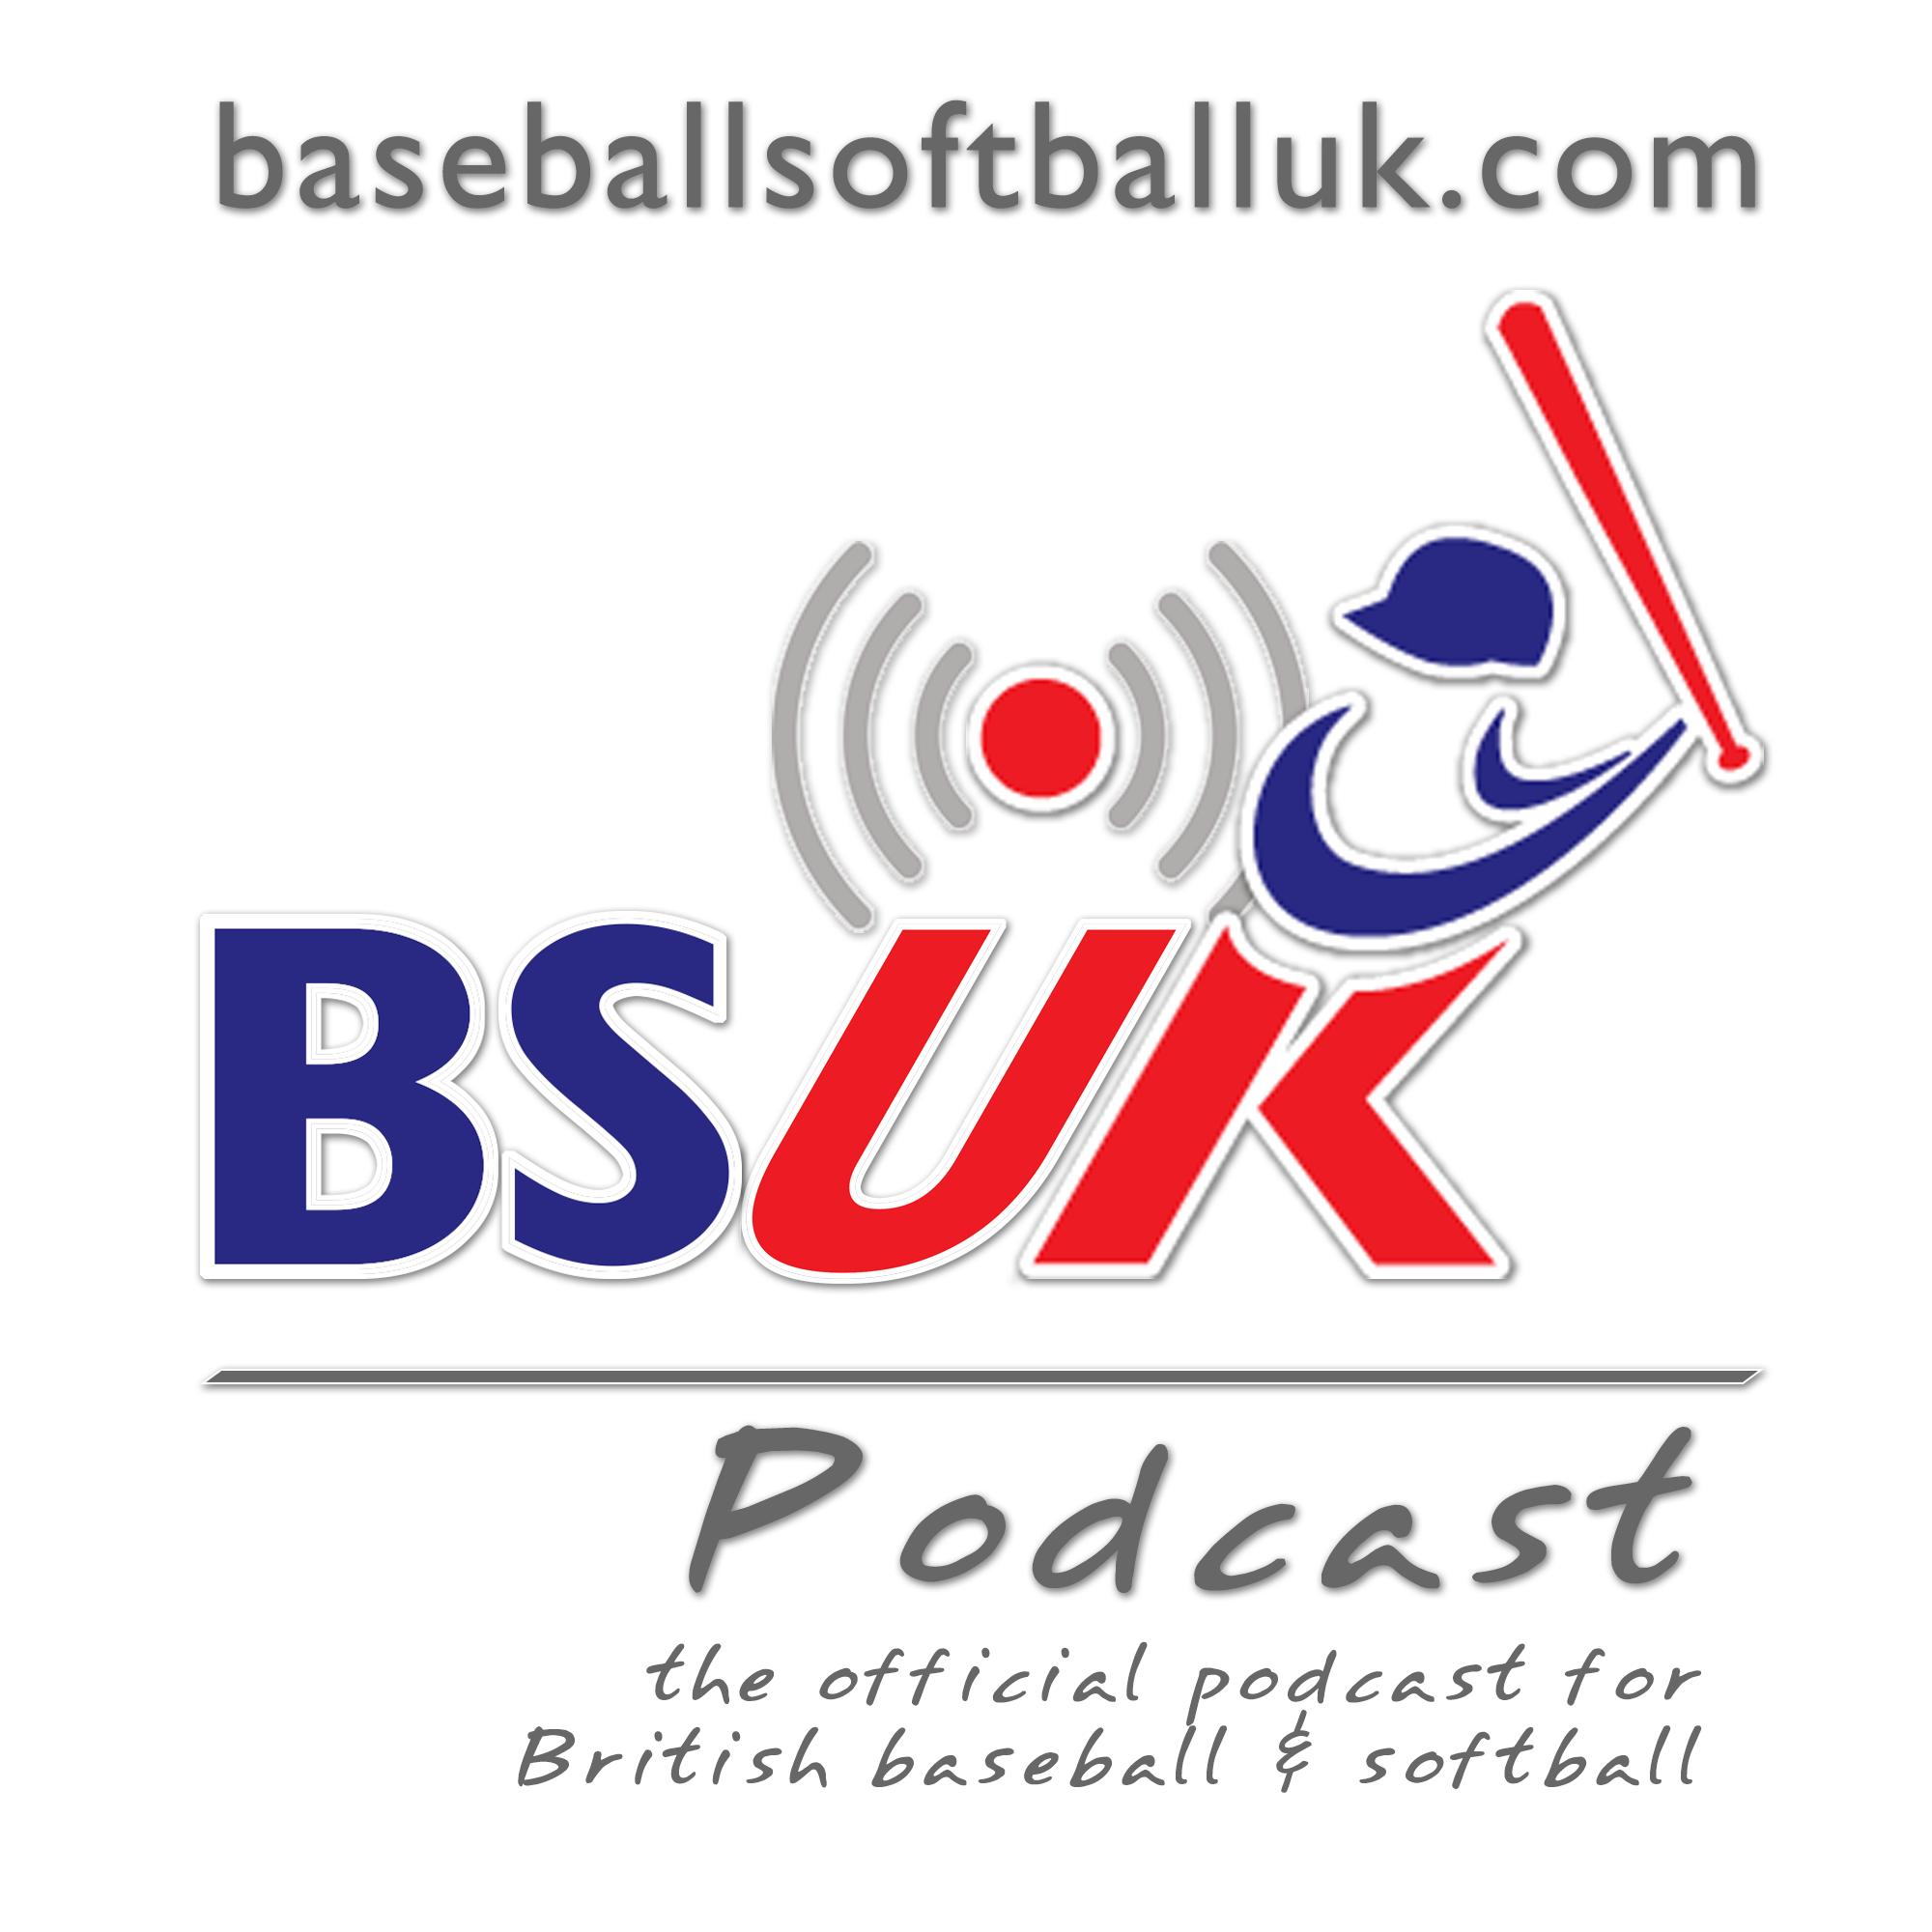 BaseballSoftballUK Podcast